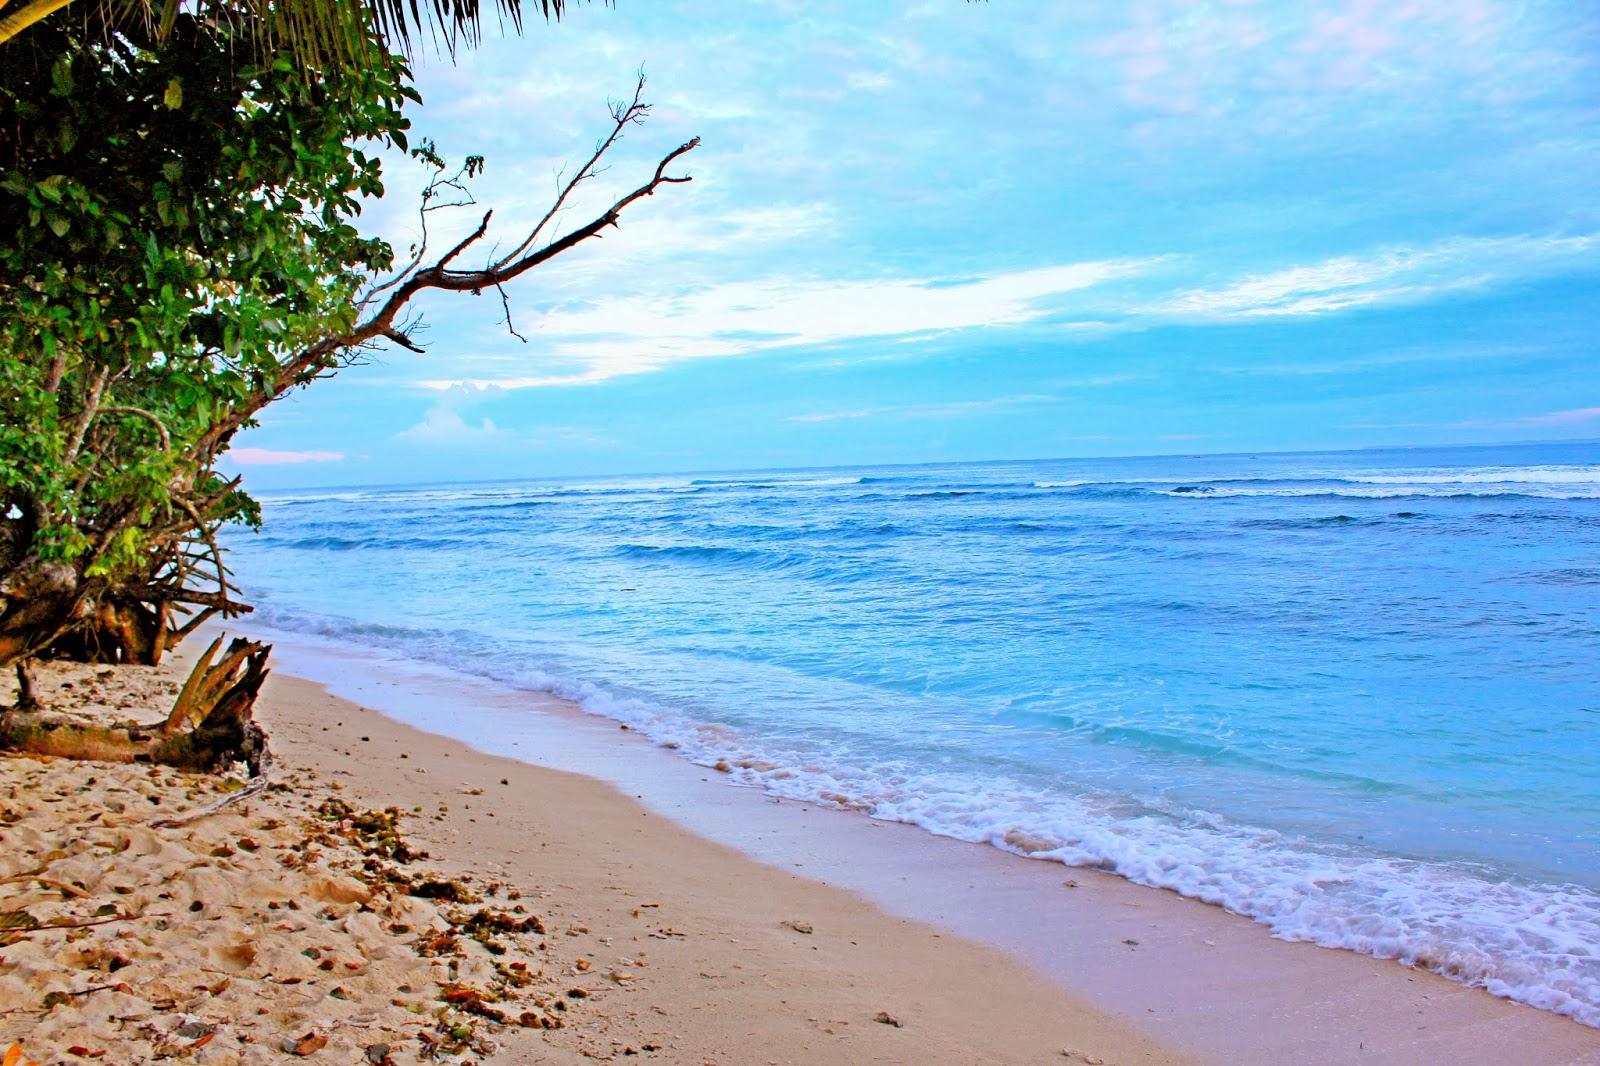 Hasil gambar untuk free image pantai krui